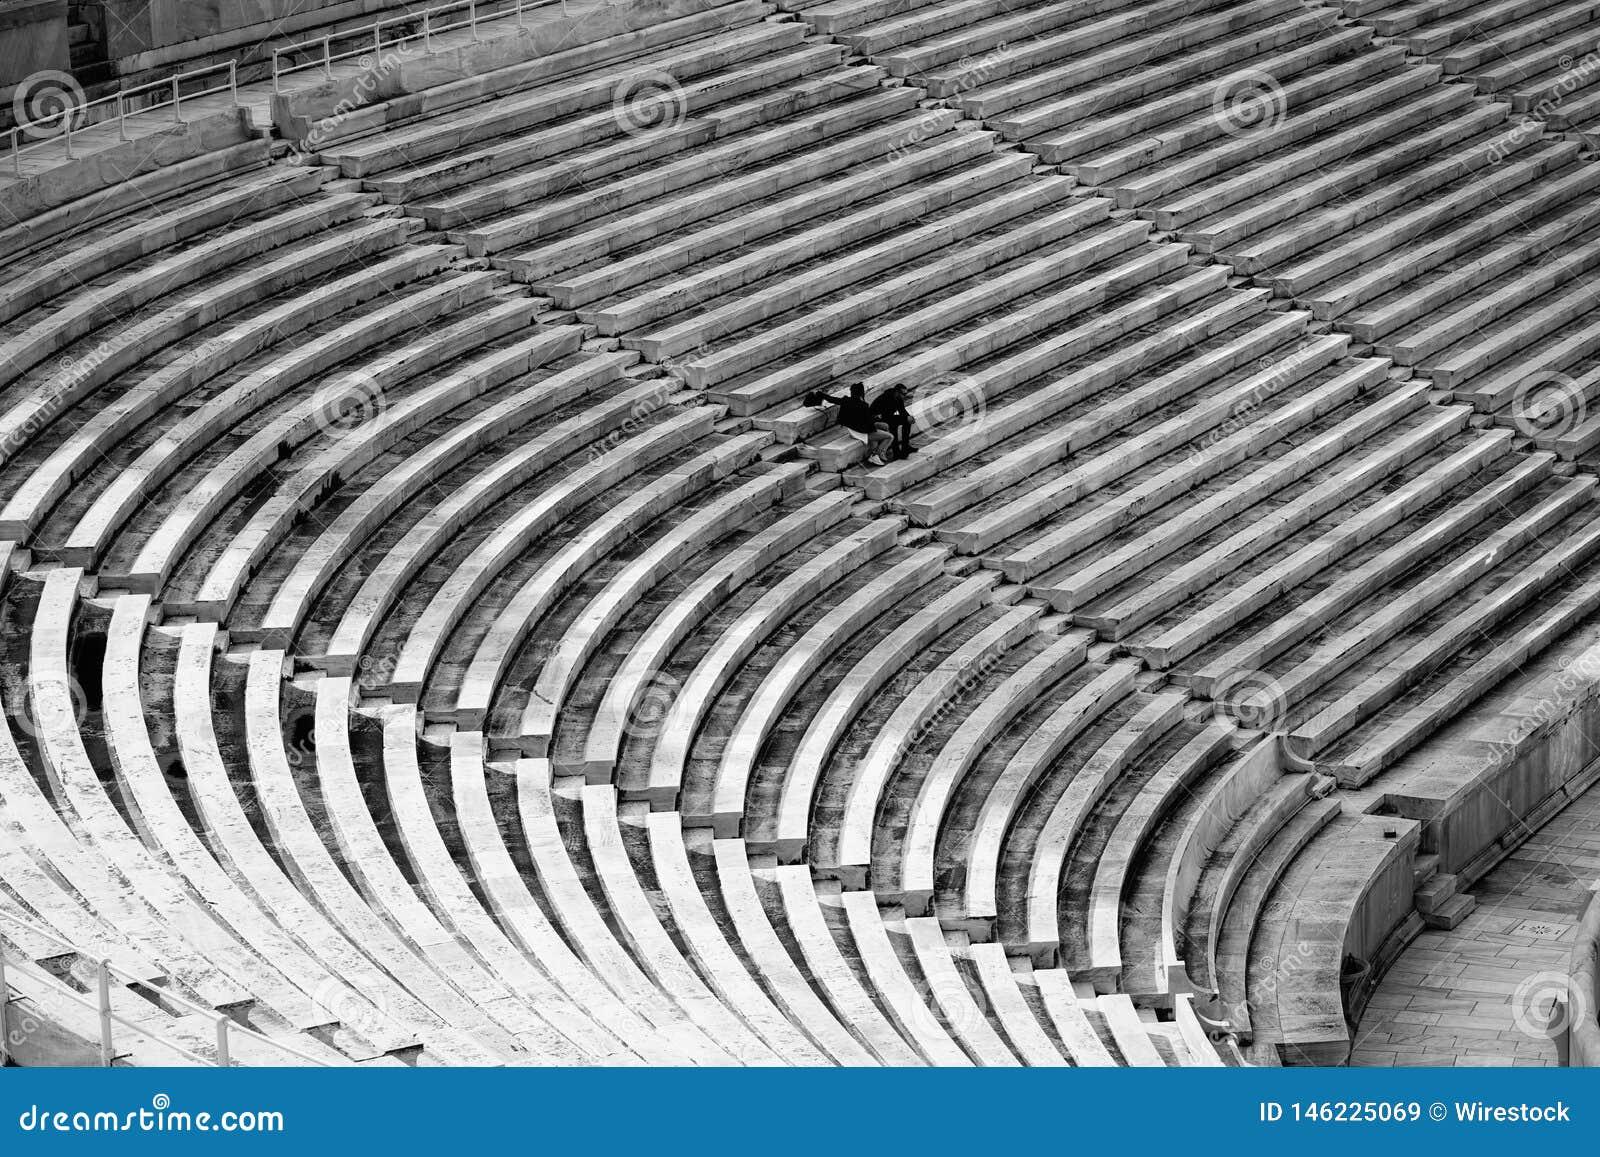 Asientos grandes de un estadio con pocas personas